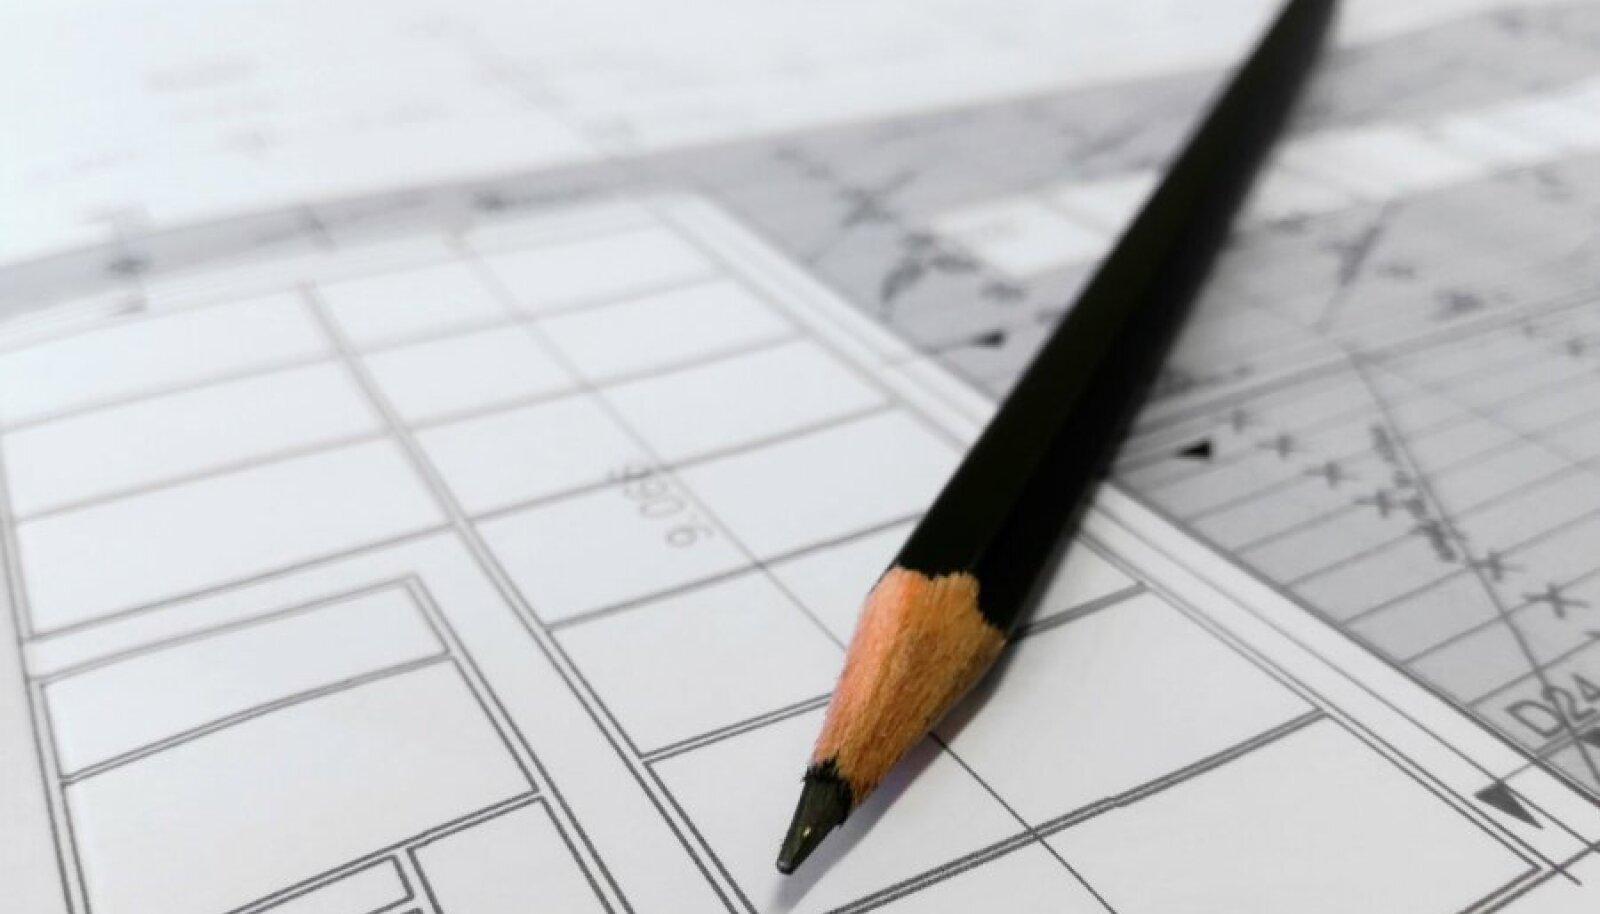 Projektibüroo ongi loodud aitama neid, kes majaehitustuhinas on dokumentatsiooni unustanud või on see jäänud kahe silma vahele mõnel muul põhjusel.